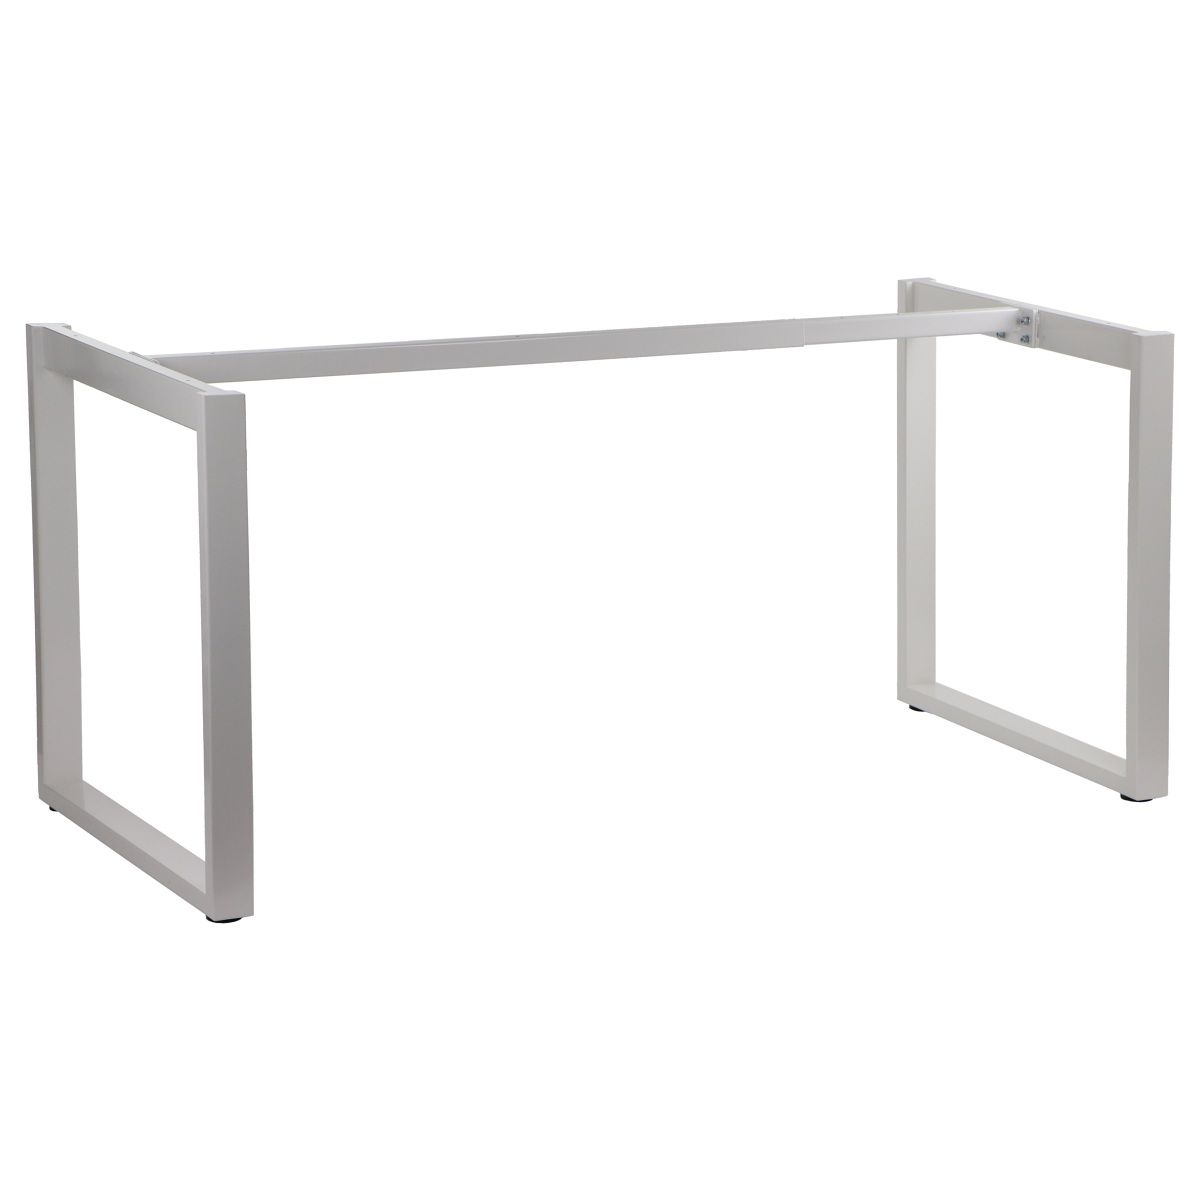 Stelaż skręcany do stołu i biurka EF-NY-131 biały 139,6x79,6 cm